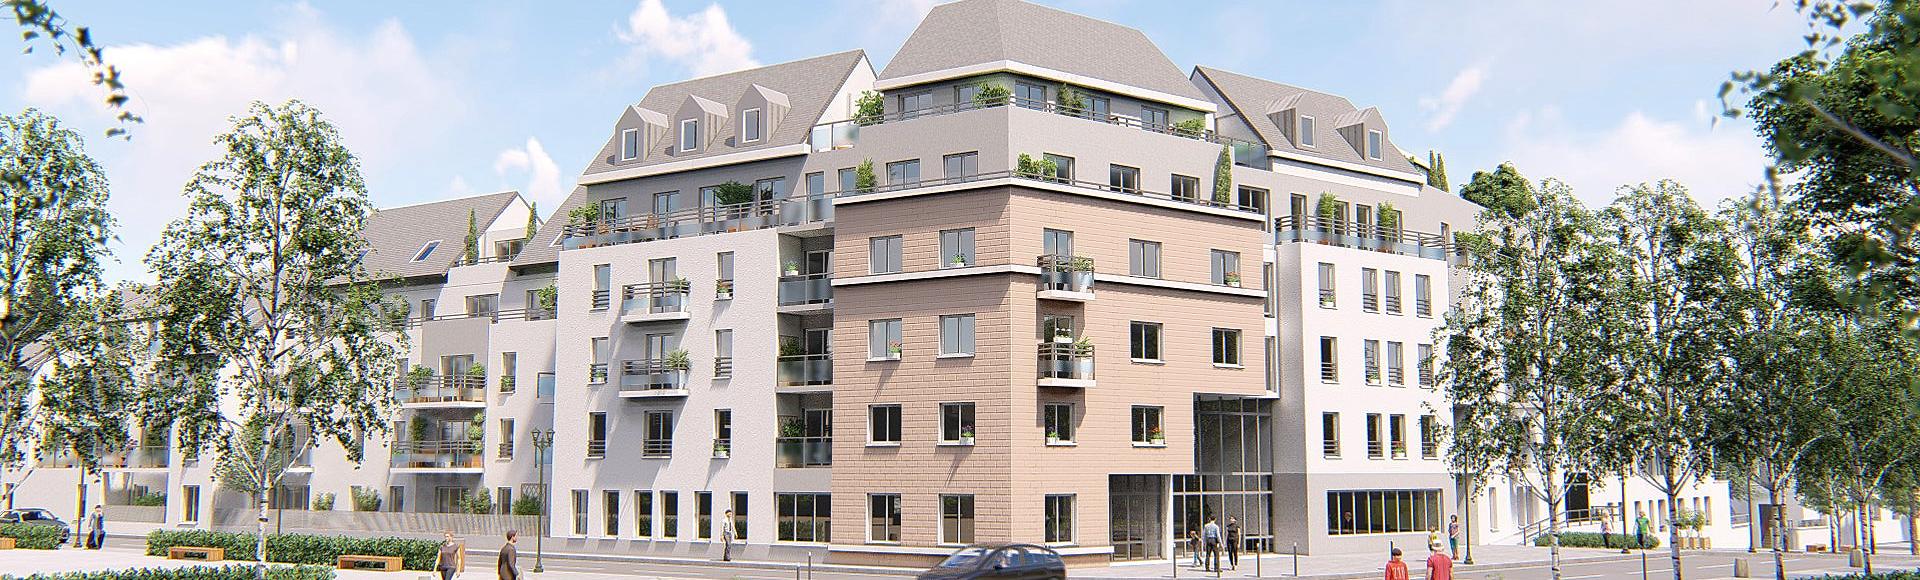 perspective 3d immobilier - résidence seniors Orléans